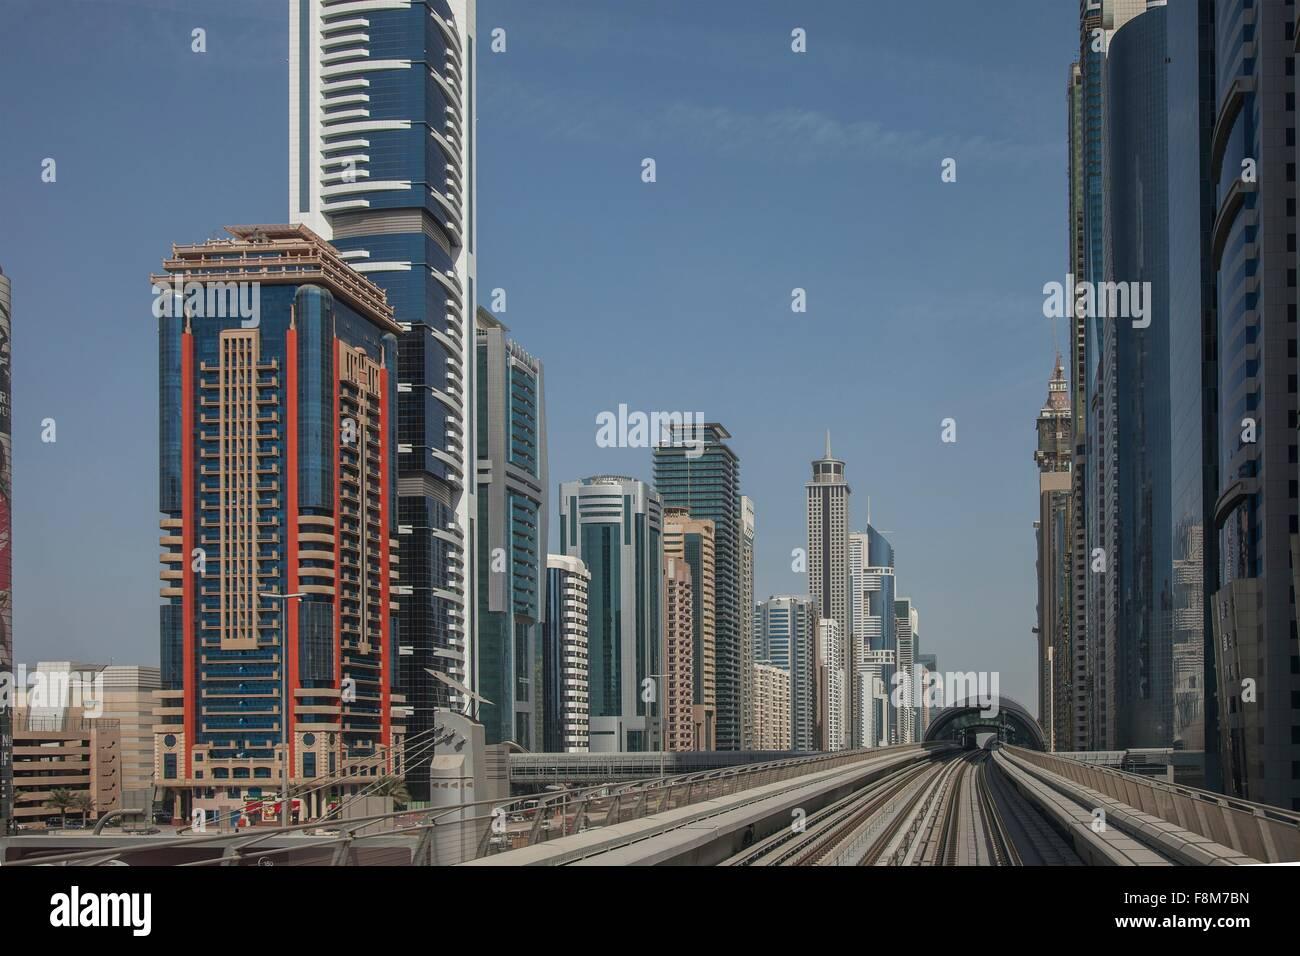 Skyline der Stadt und Dubai Metro Gleis, Downtown Dubai, Vereinigte Arabische Emirate Stockbild